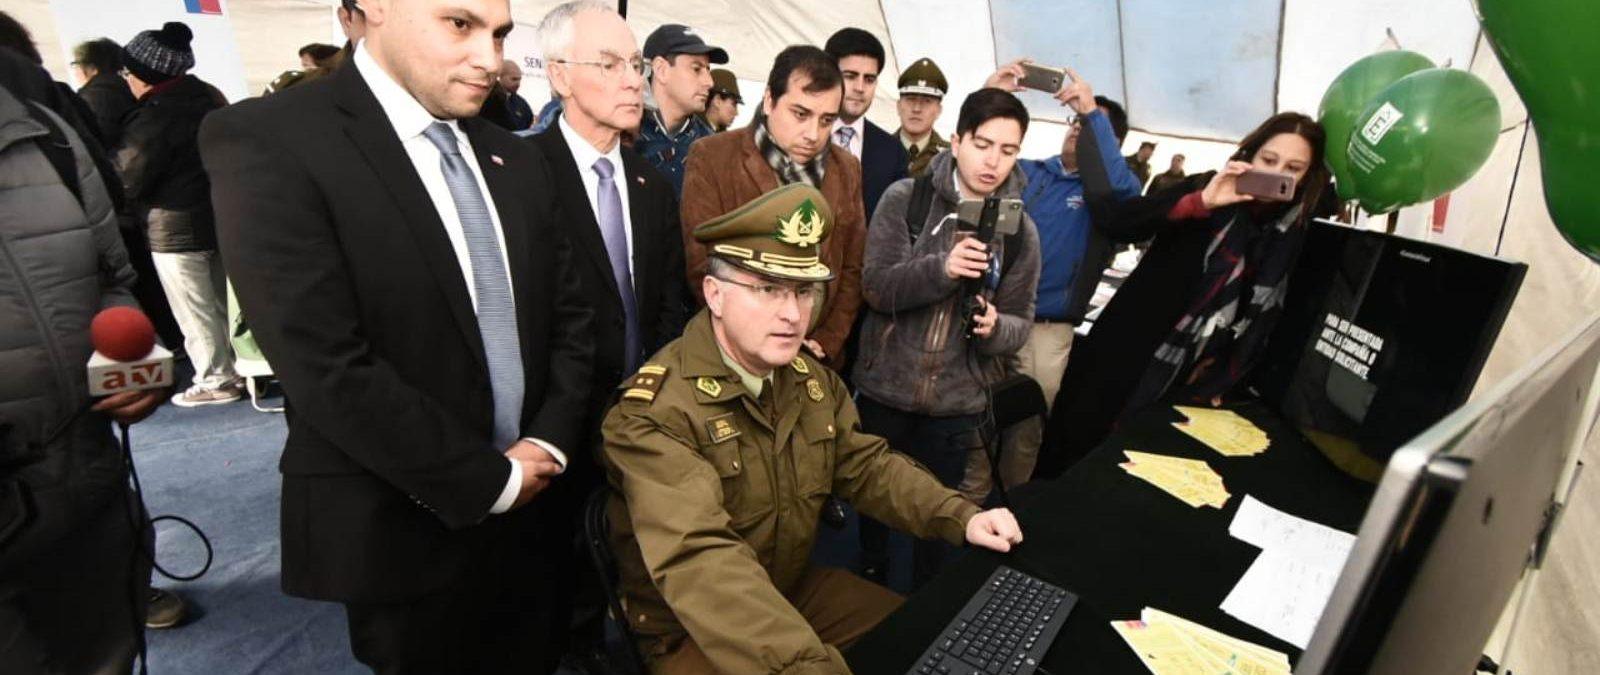 """Gobierno en Los Ríos lanzó """"Comisaría Virtual"""" que permitirá  agilizar trámites en Carabineros"""